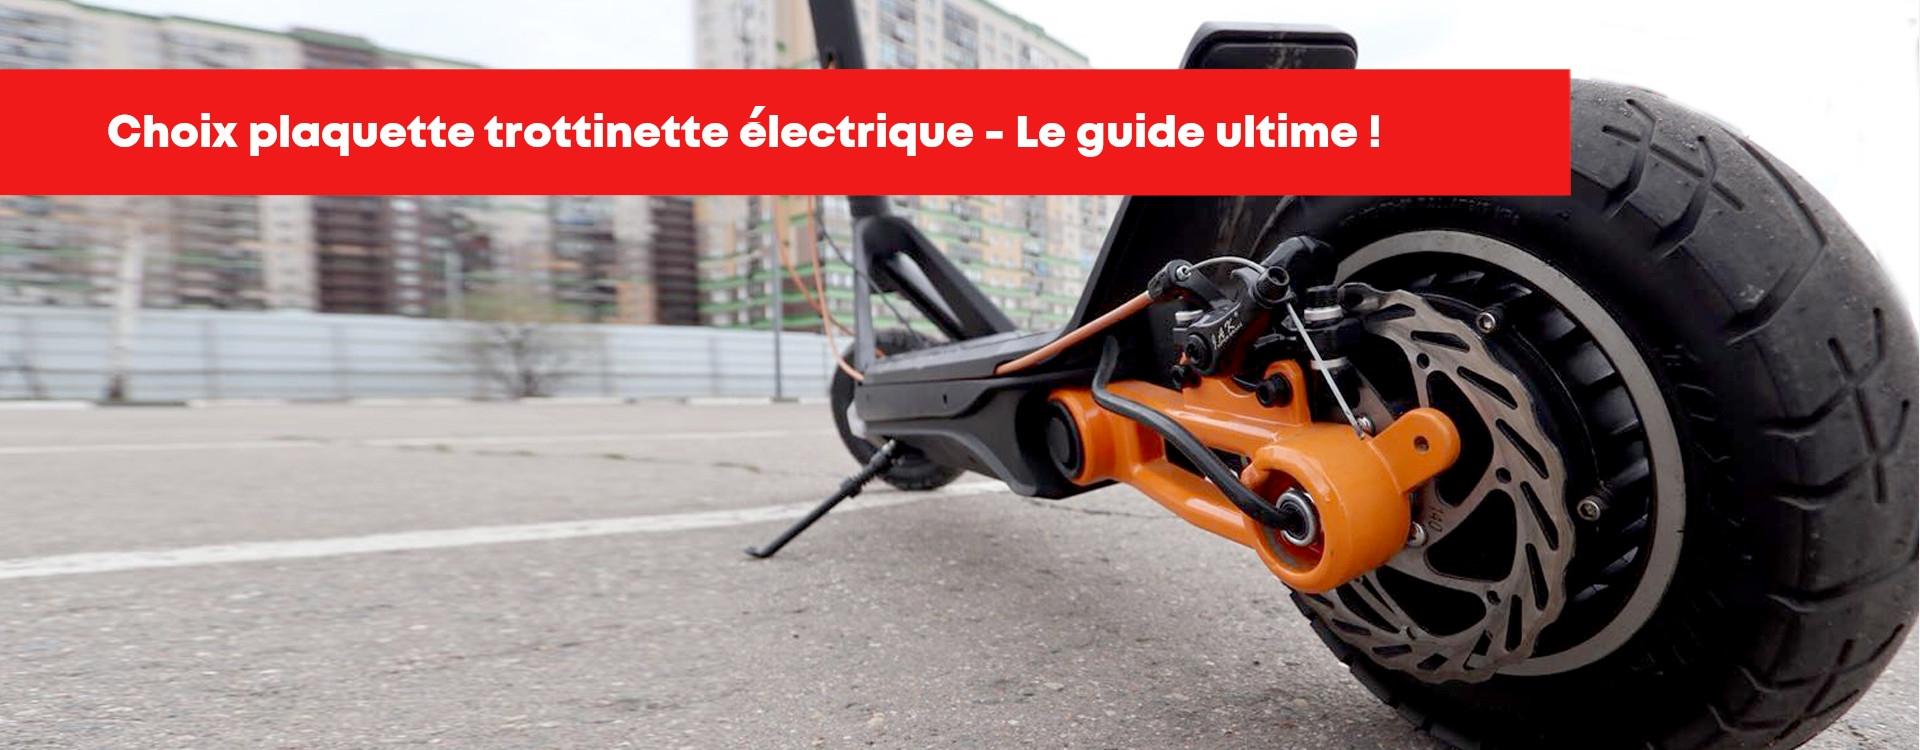 Bien choisir ses plaquettes de frein trottinette électrique